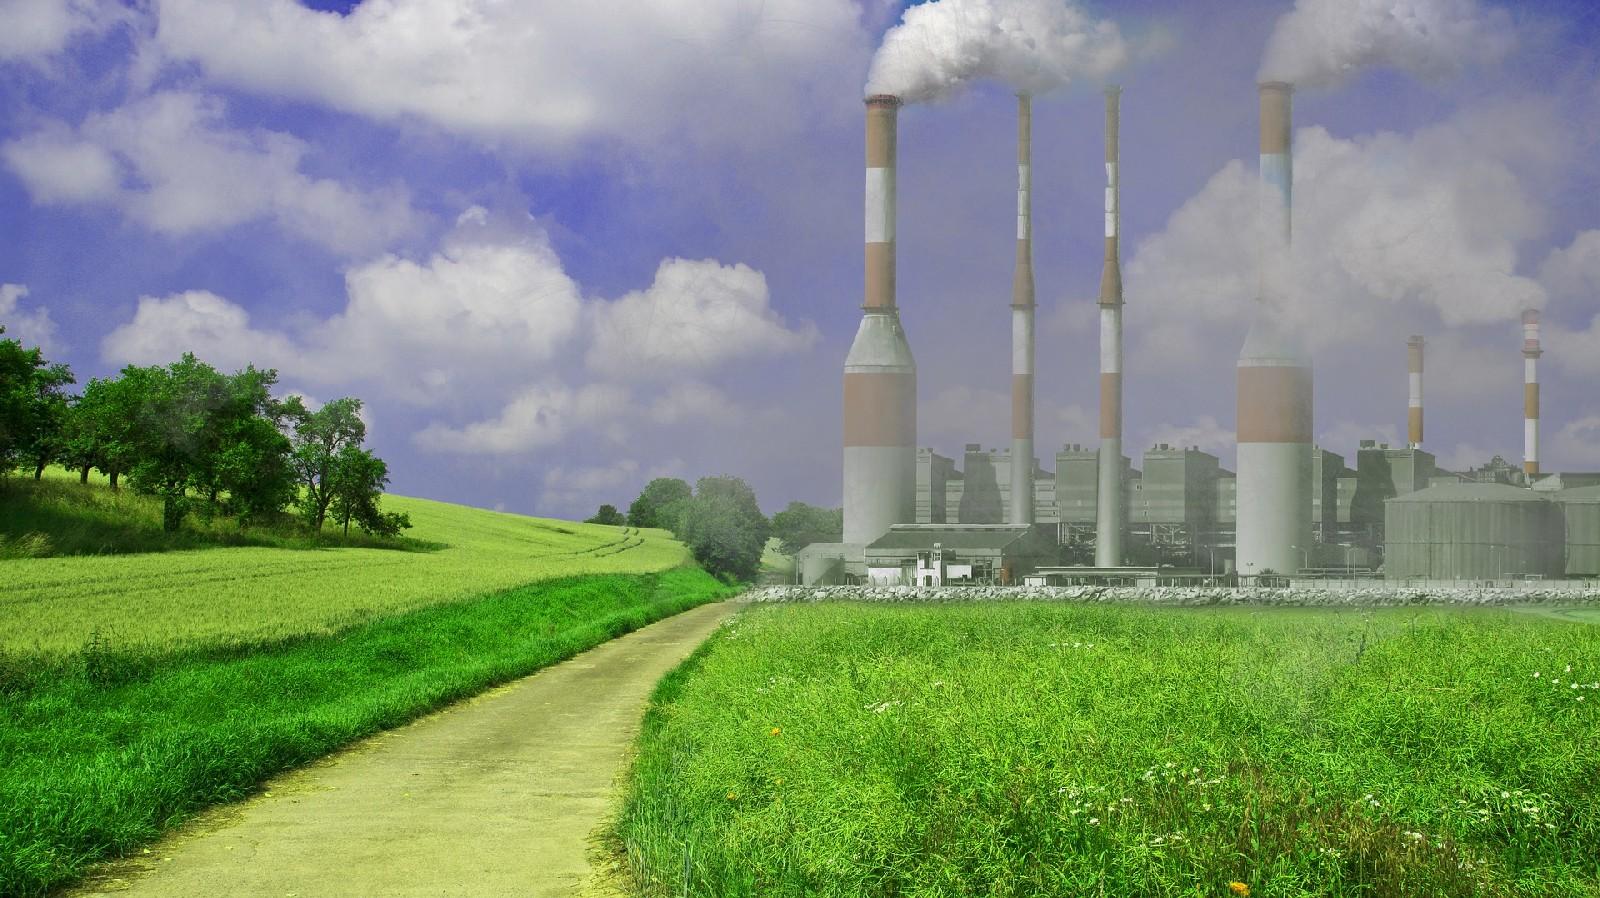 Czyste ogrzewanie - czyli jak każdy może przyczynić się do zmniejszenia smogu